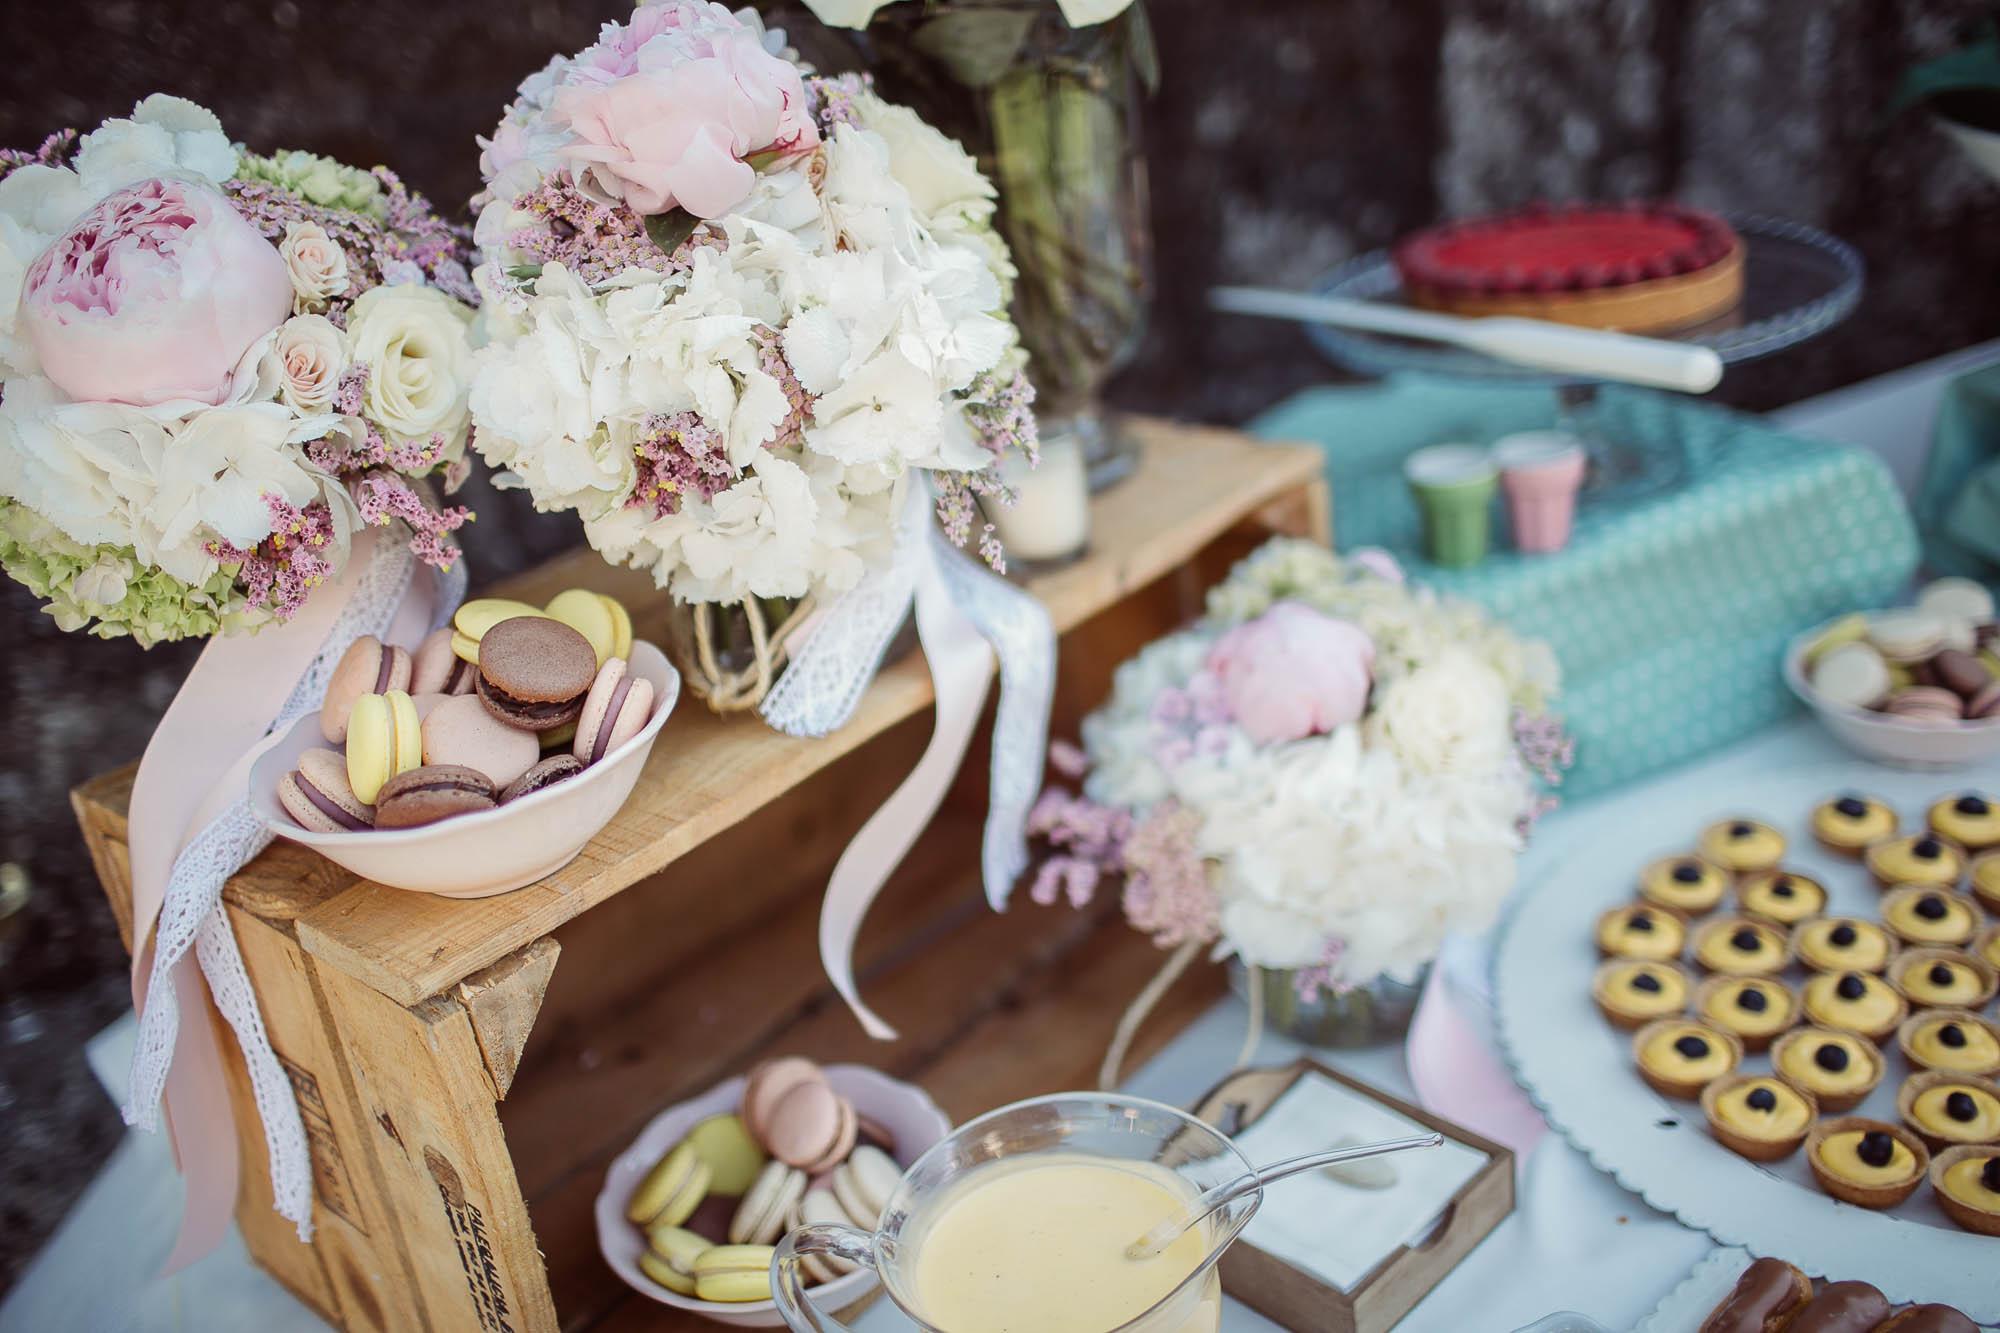 Unos macarons y otros dulces del catering junto con algunos adornos florales